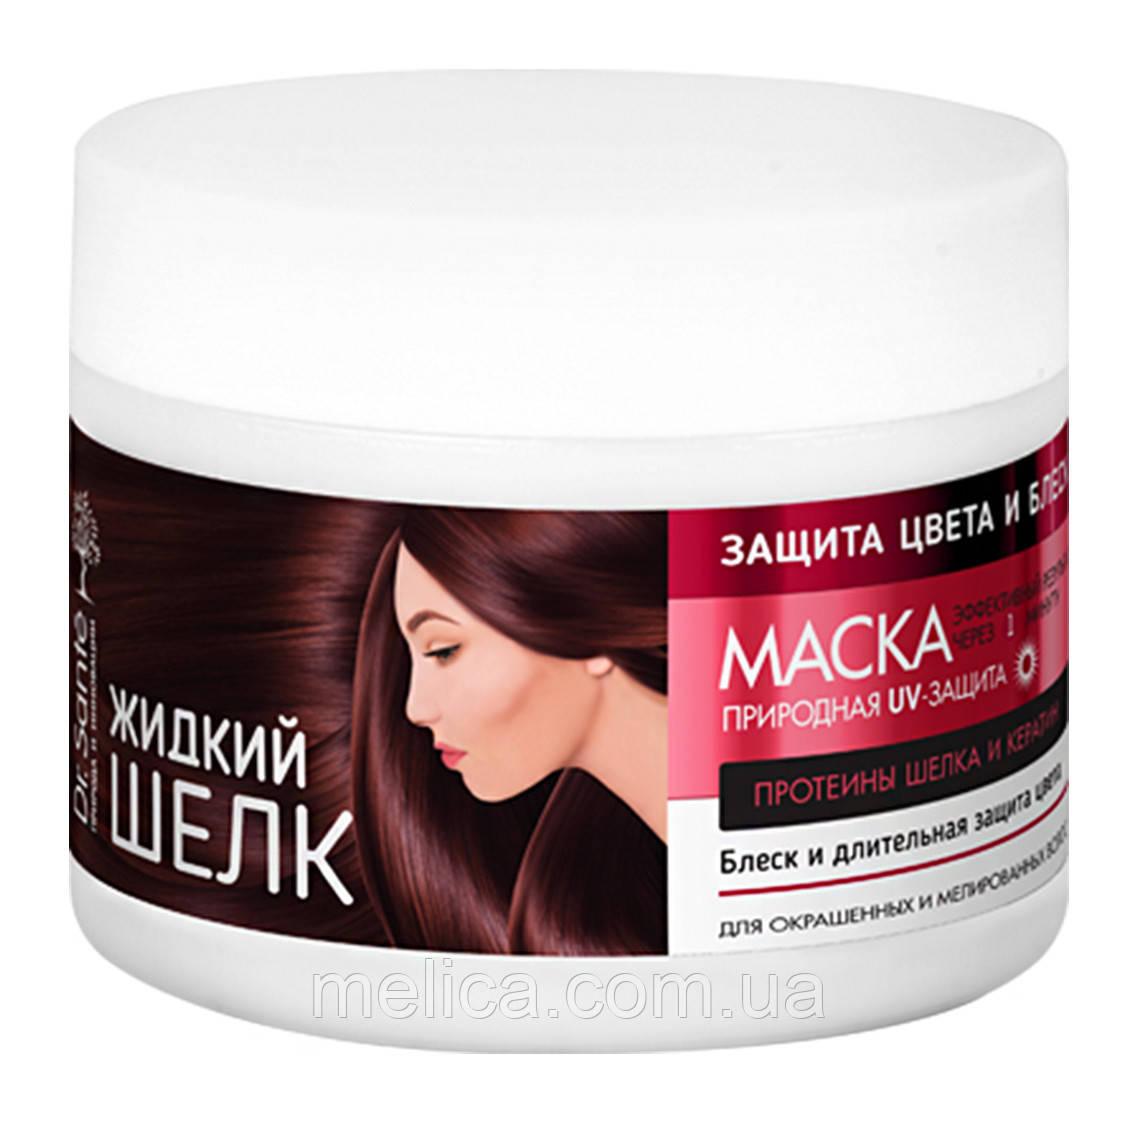 Маска для волос Dr.Sante Жидкий шелк Защита цвета и Блеск - 300 мл.